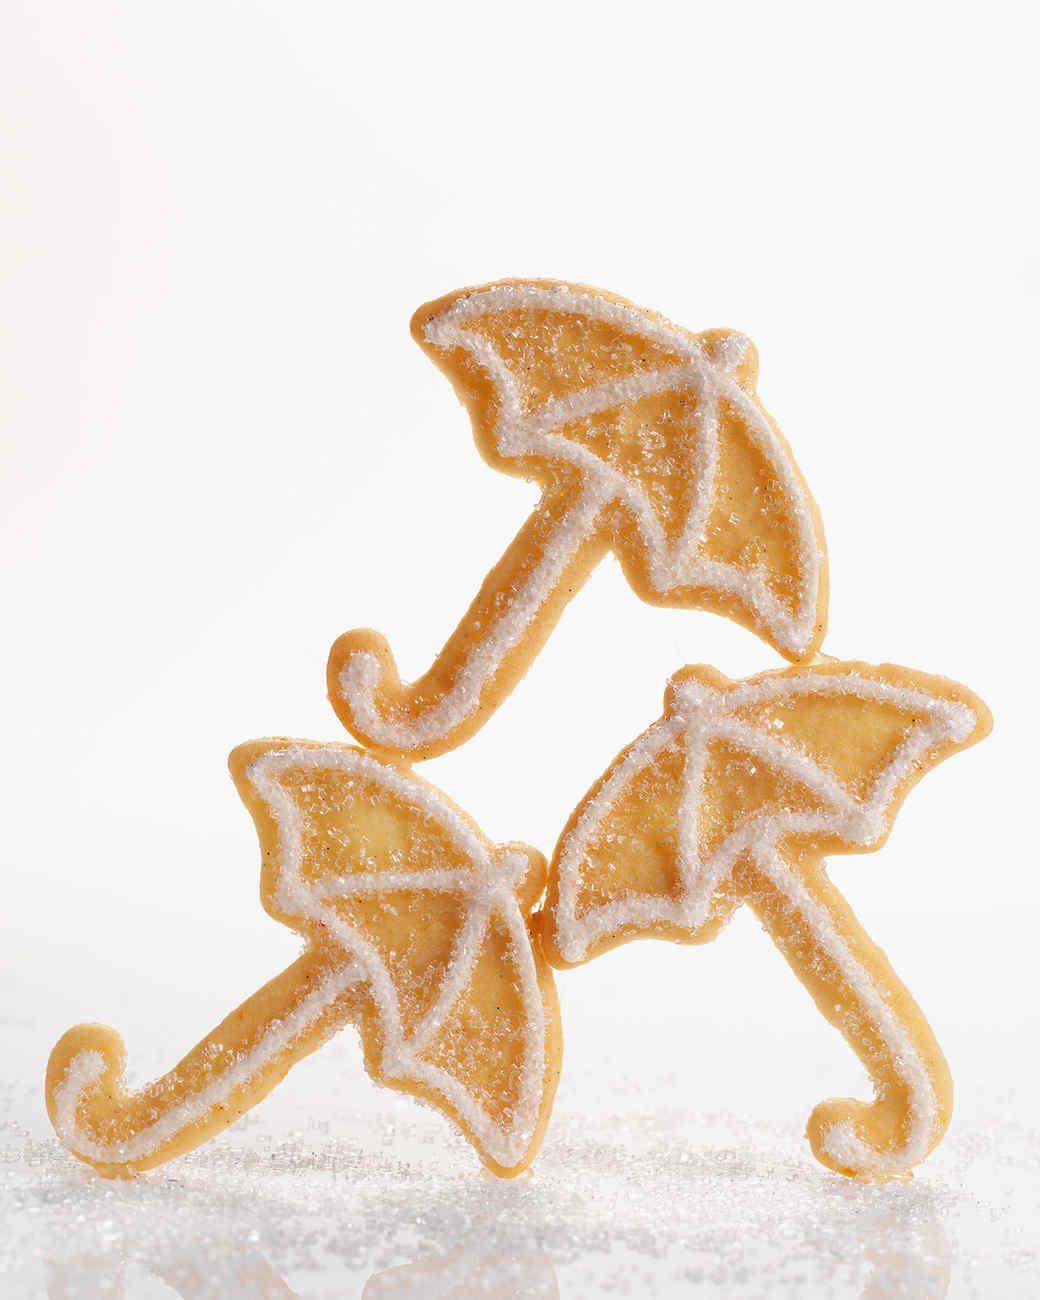 Umbrella Sugar Cookies